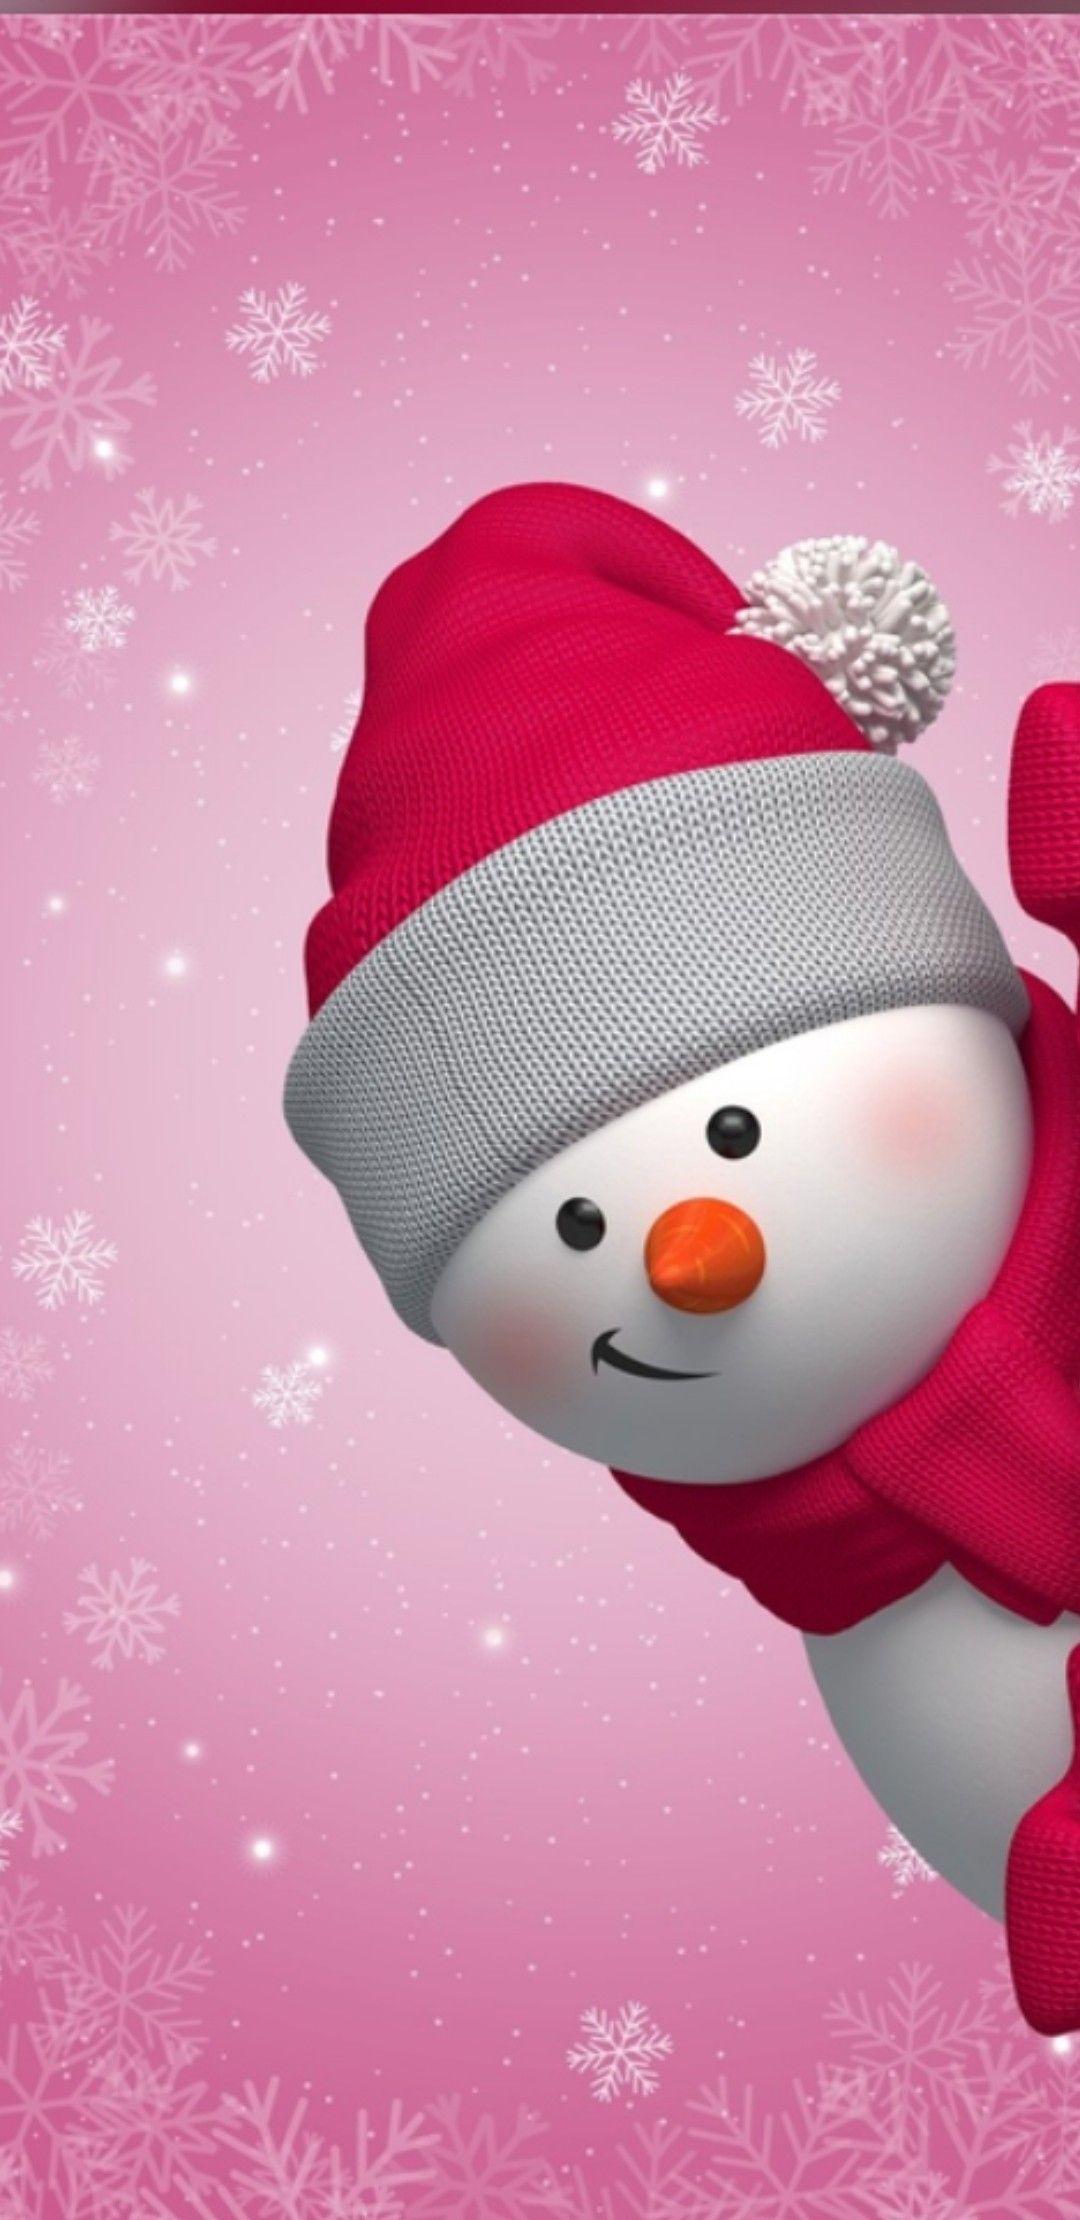 Peek A Boo Snowman Imagenes De Fondo De Navidad Imagenes De Navidad Fondos Fondos De Navidad Gratis